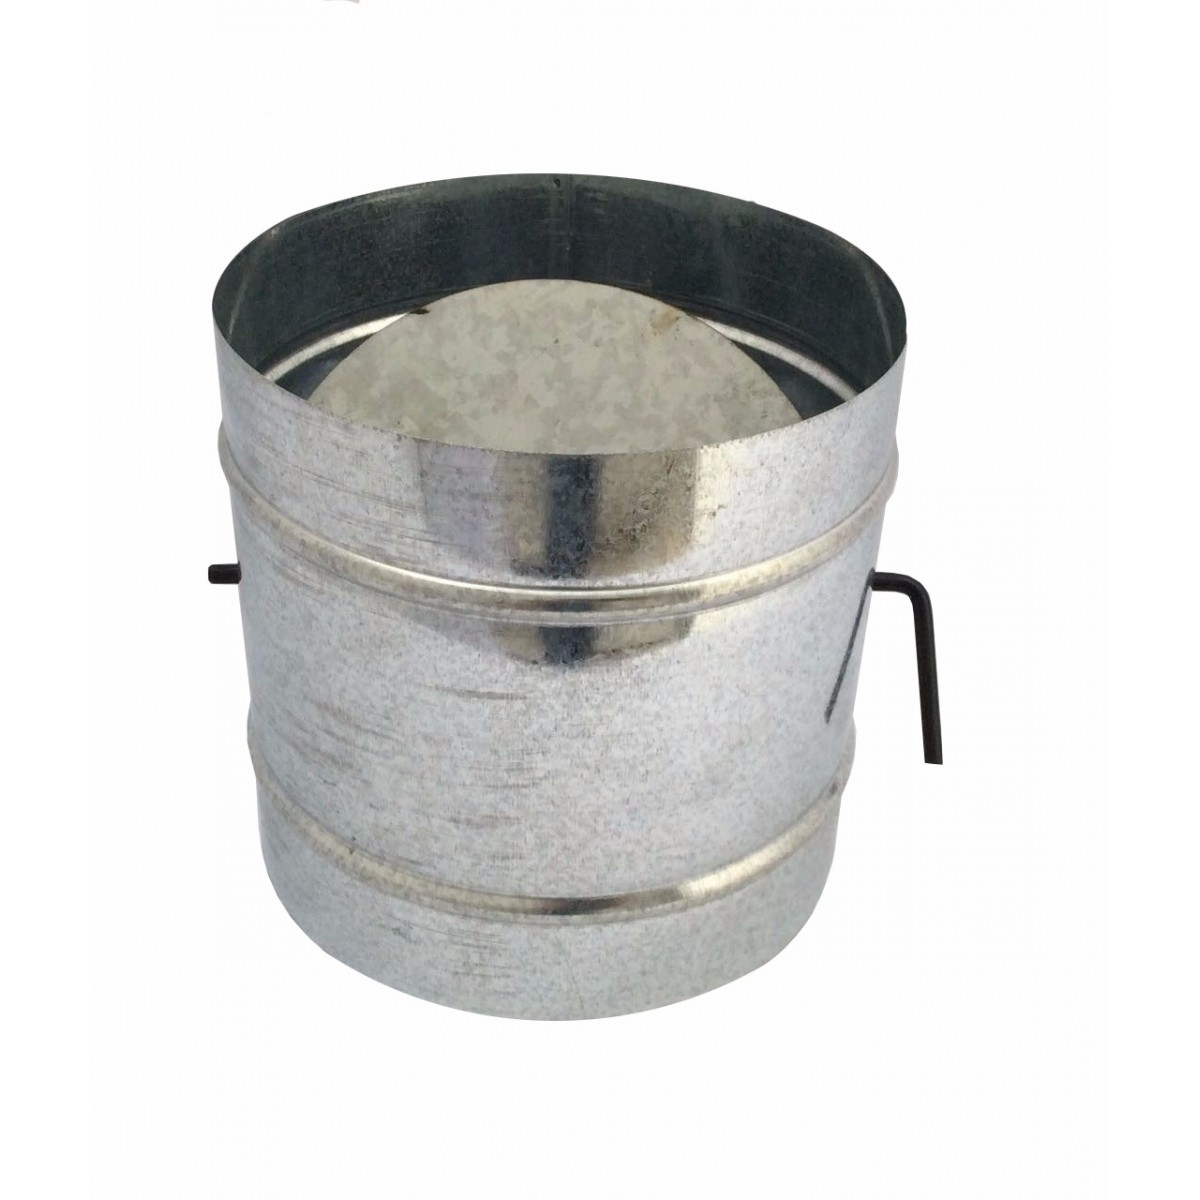 Registro / dumper galvanizado para chaminé de 115 mm de diâmetro  - Galvocalhas